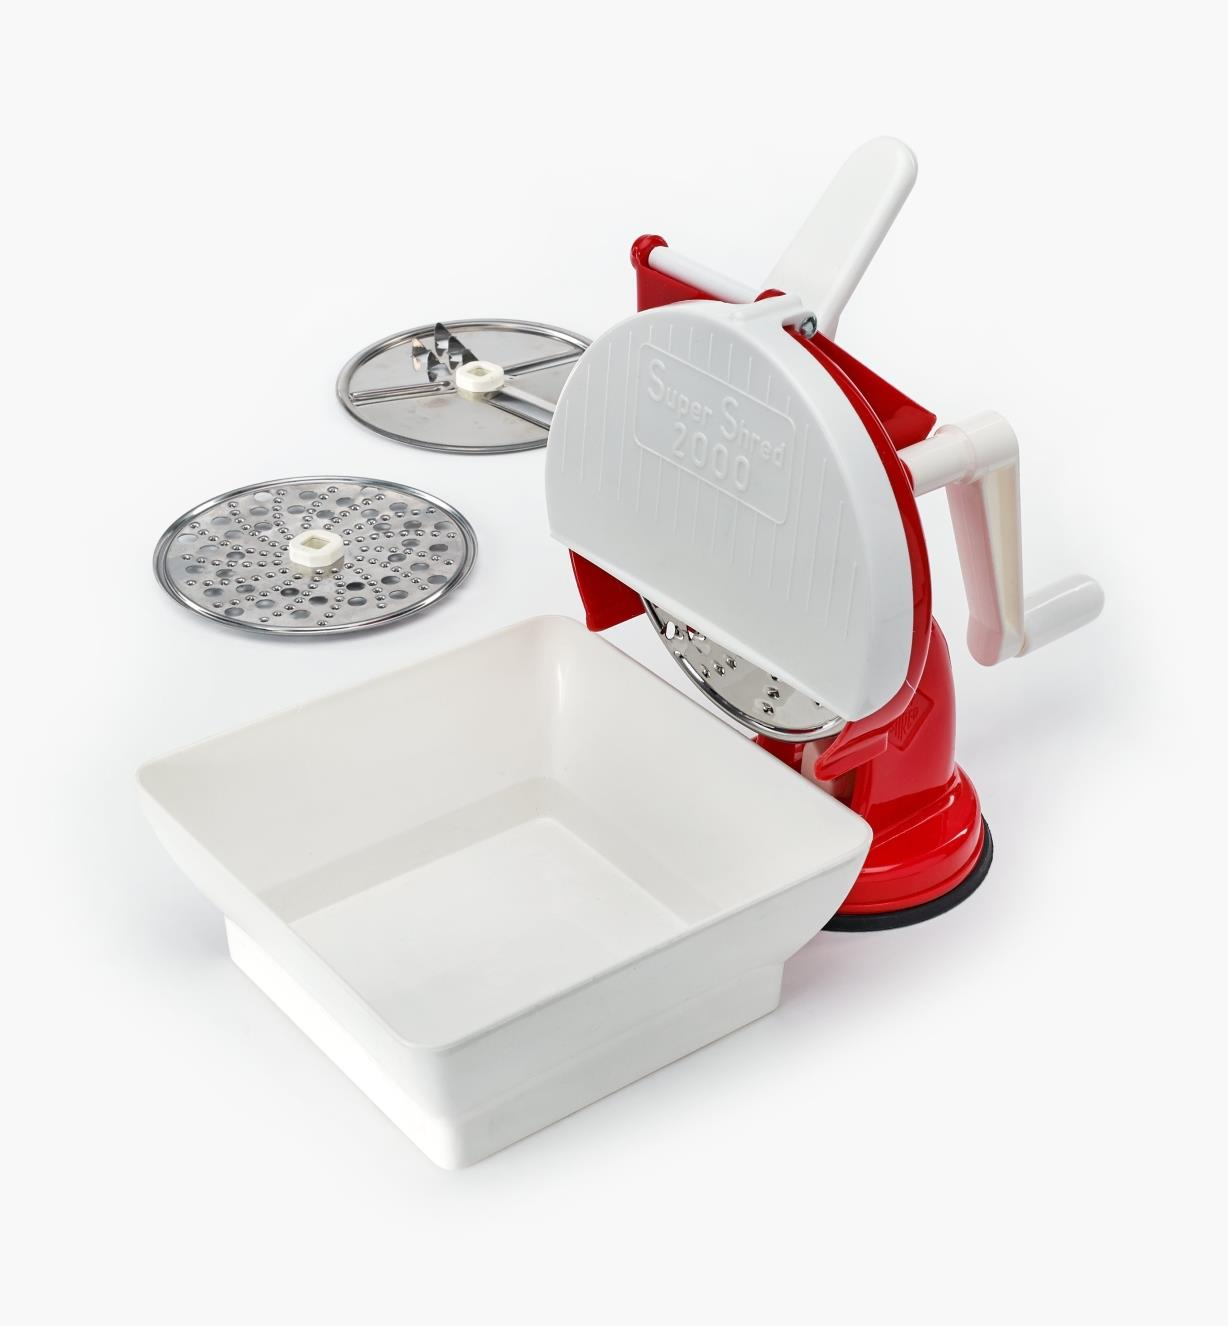 EV542 - Hand-Crank Slicer & Grater